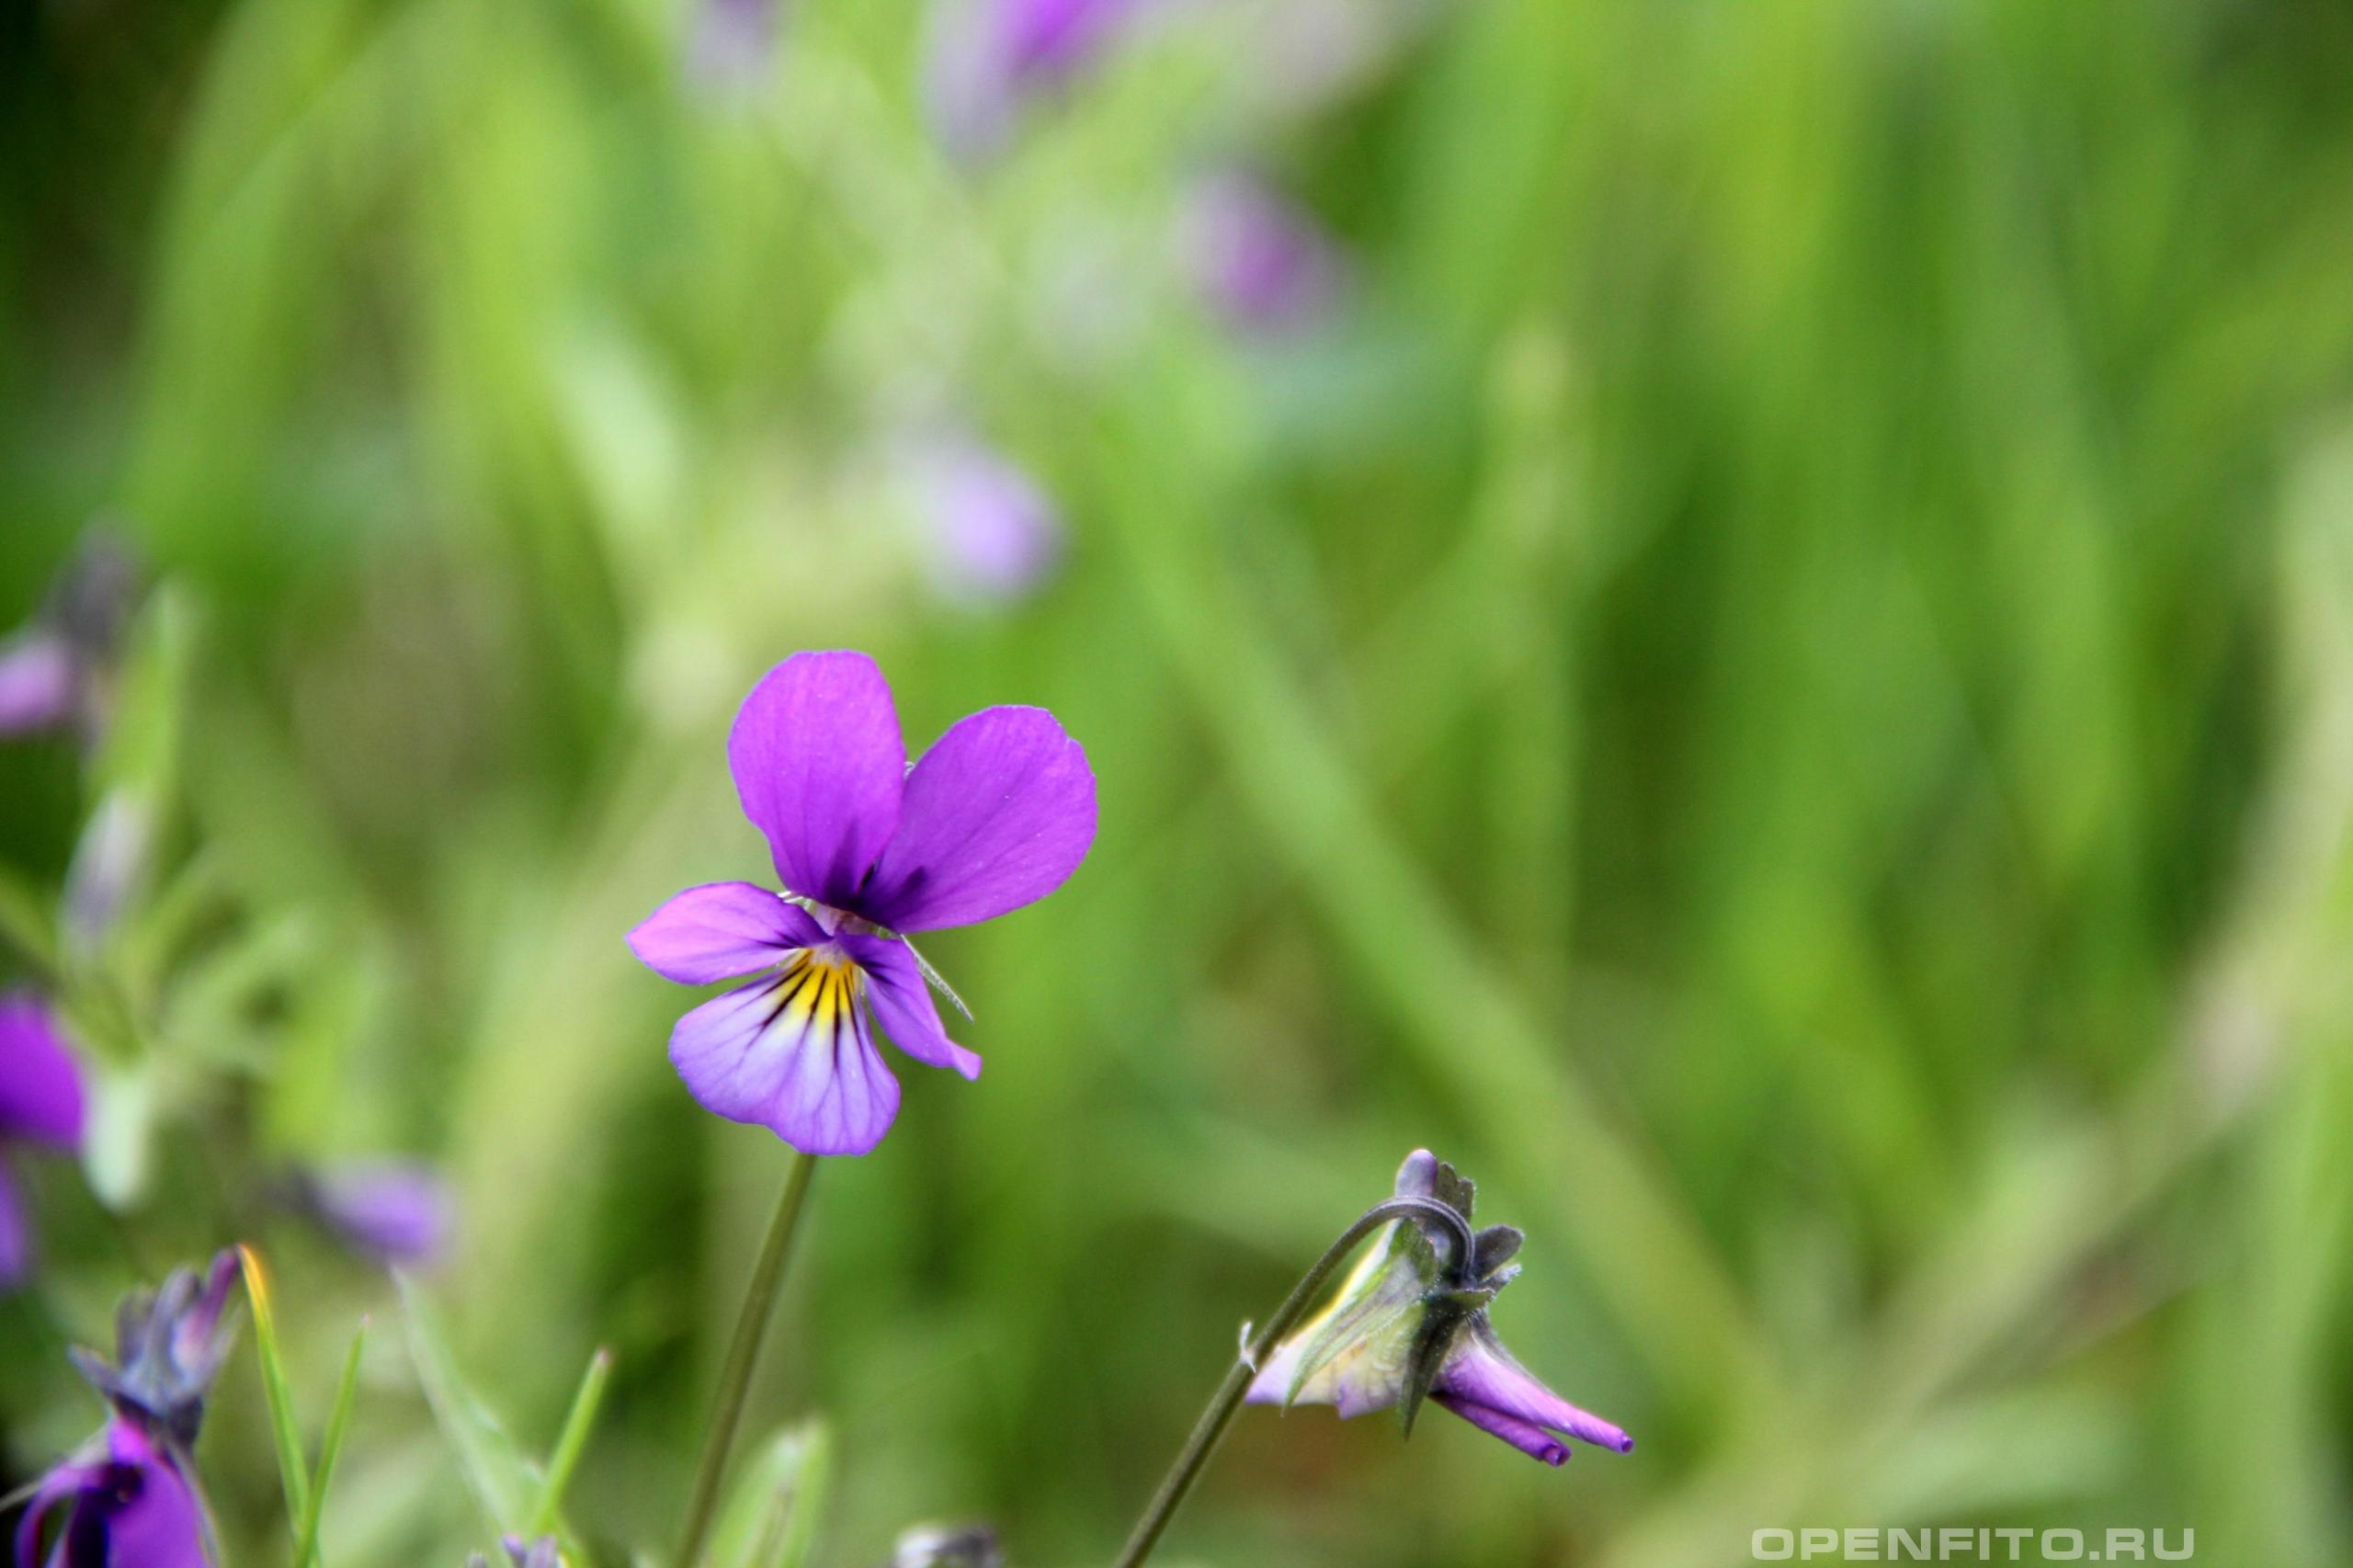 Фиалка трехцветная цветок и бутон